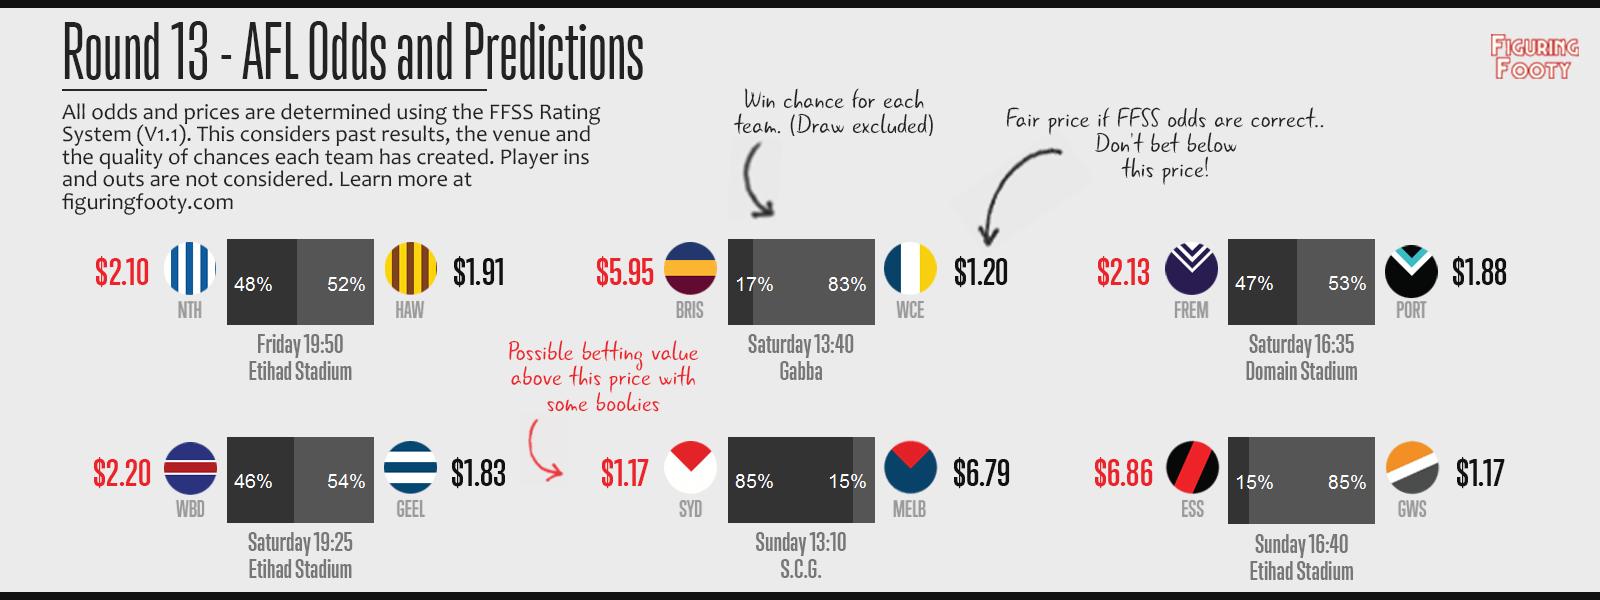 FFSS Round 13 Predictions